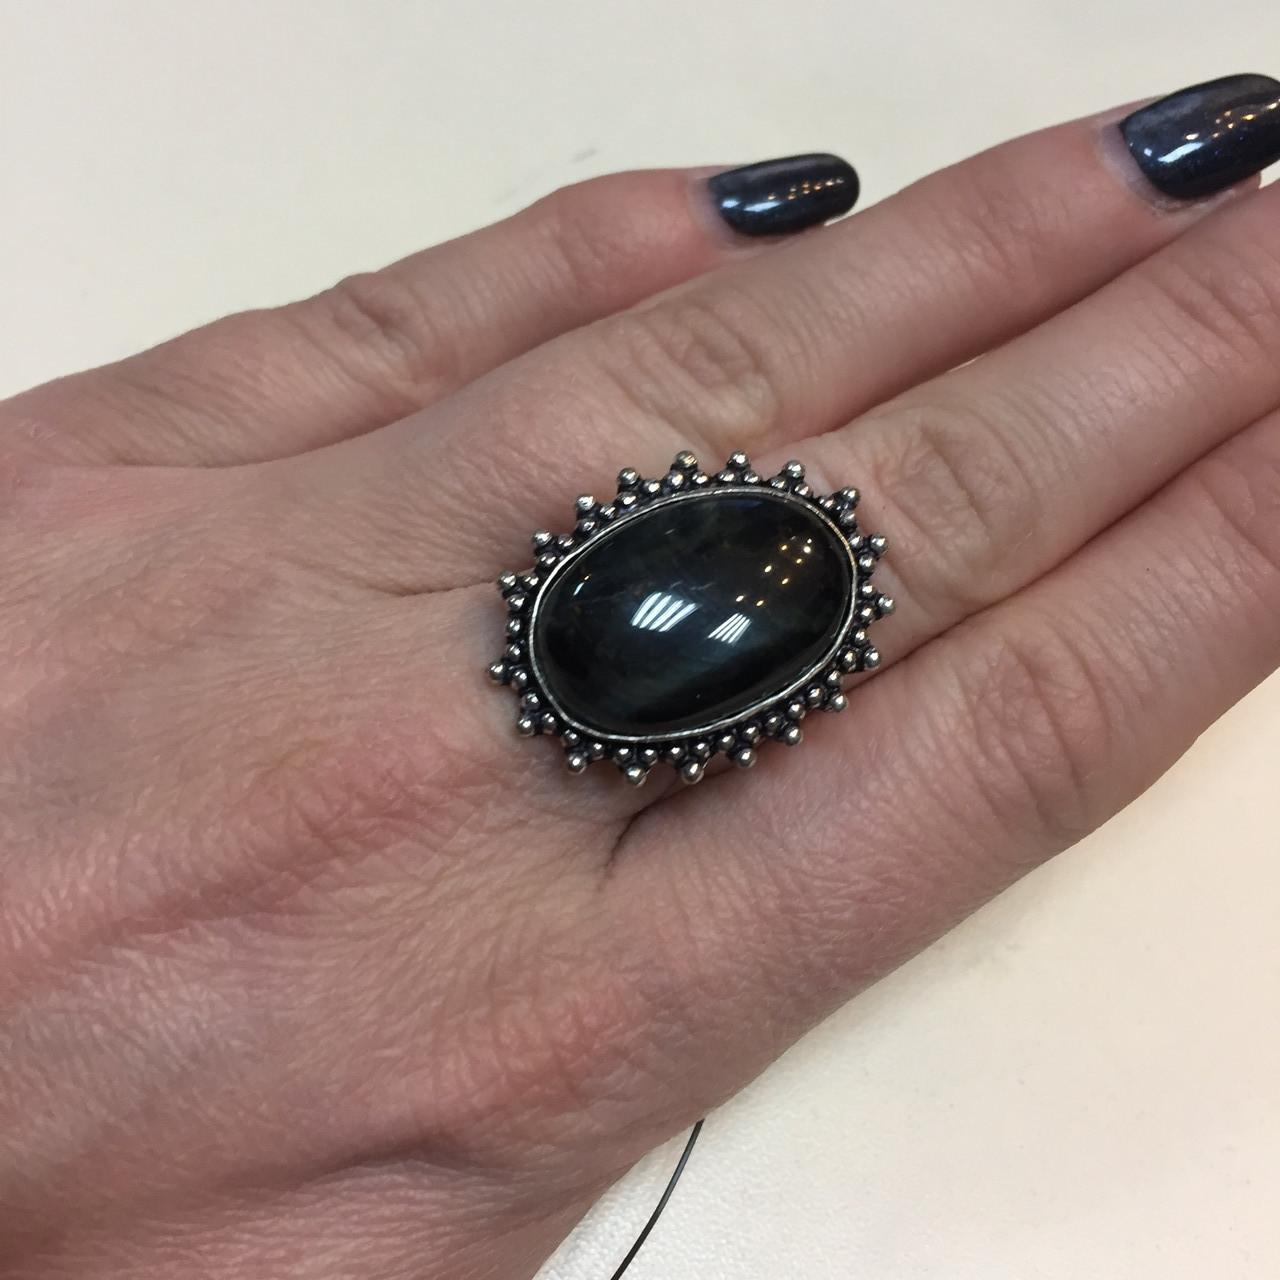 Соколиный глаз питерсит овальное кольцо с соколиным глазом и питерситом 16.5 размер Индия